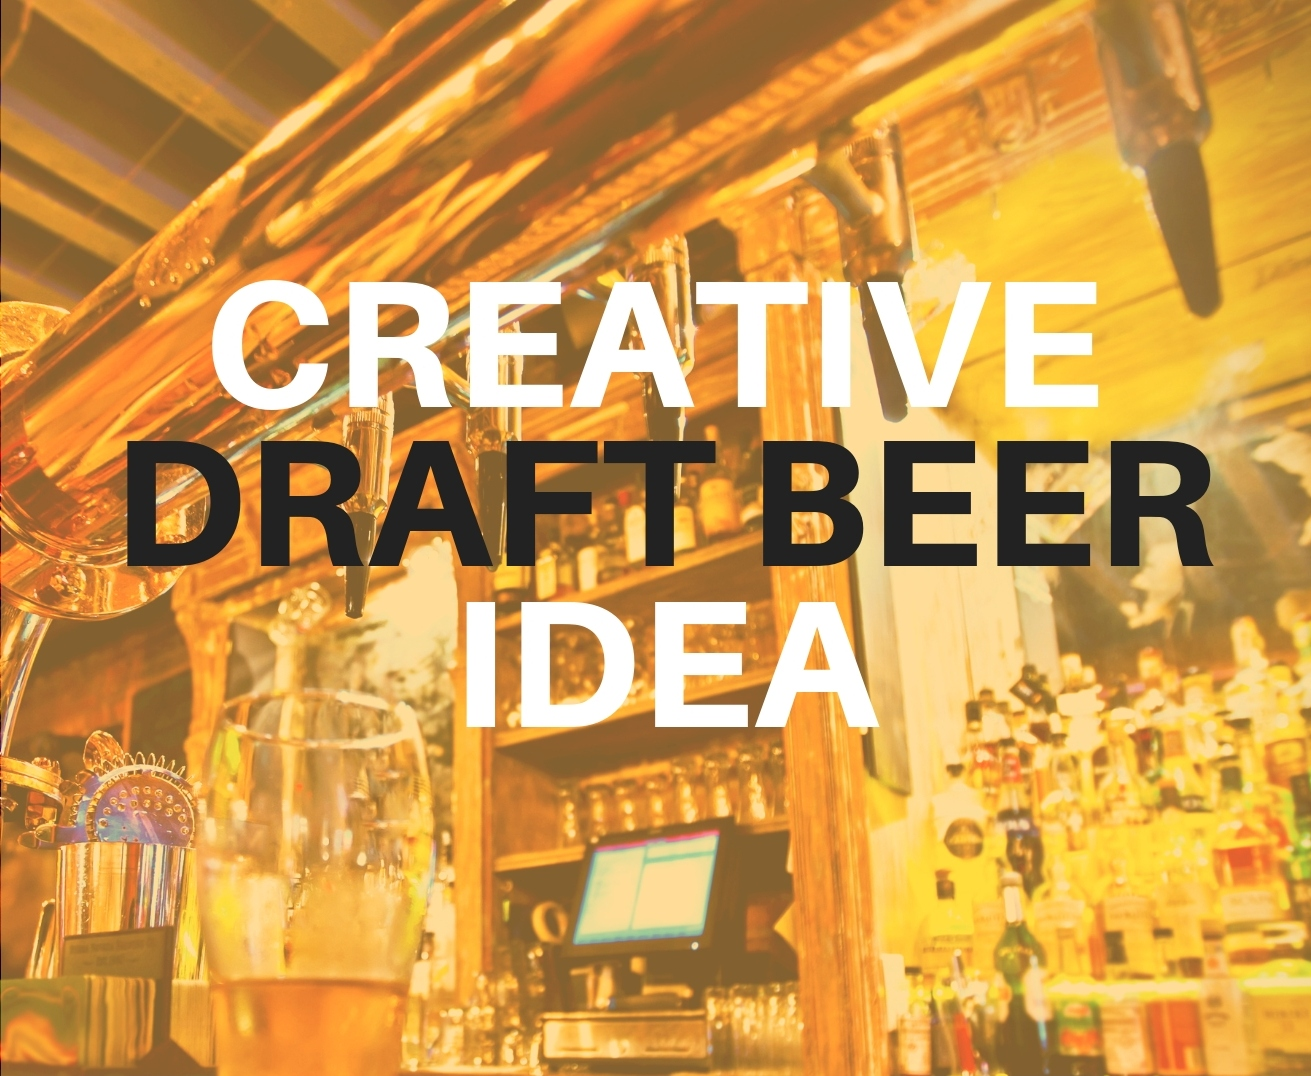 CREATIVE-DRAFT-BEER-TN